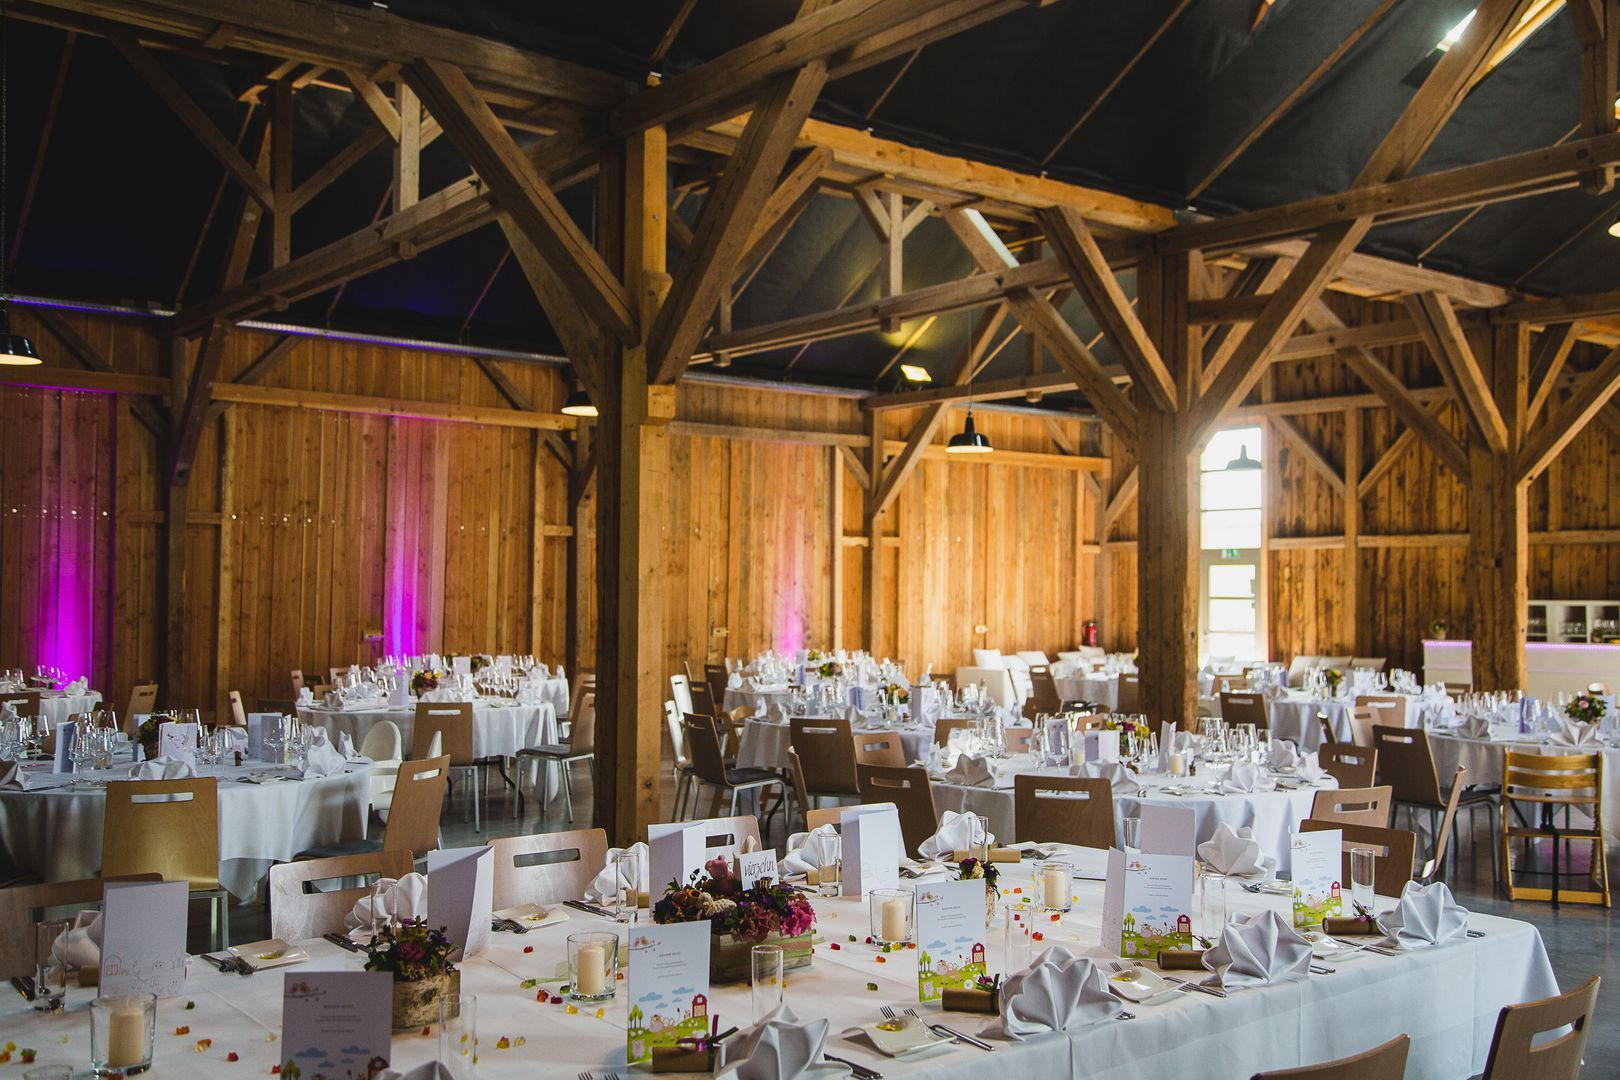 Eissler Weingut Steinbachhof Fiylo Steinbachhof Weingut Hochzeit Location